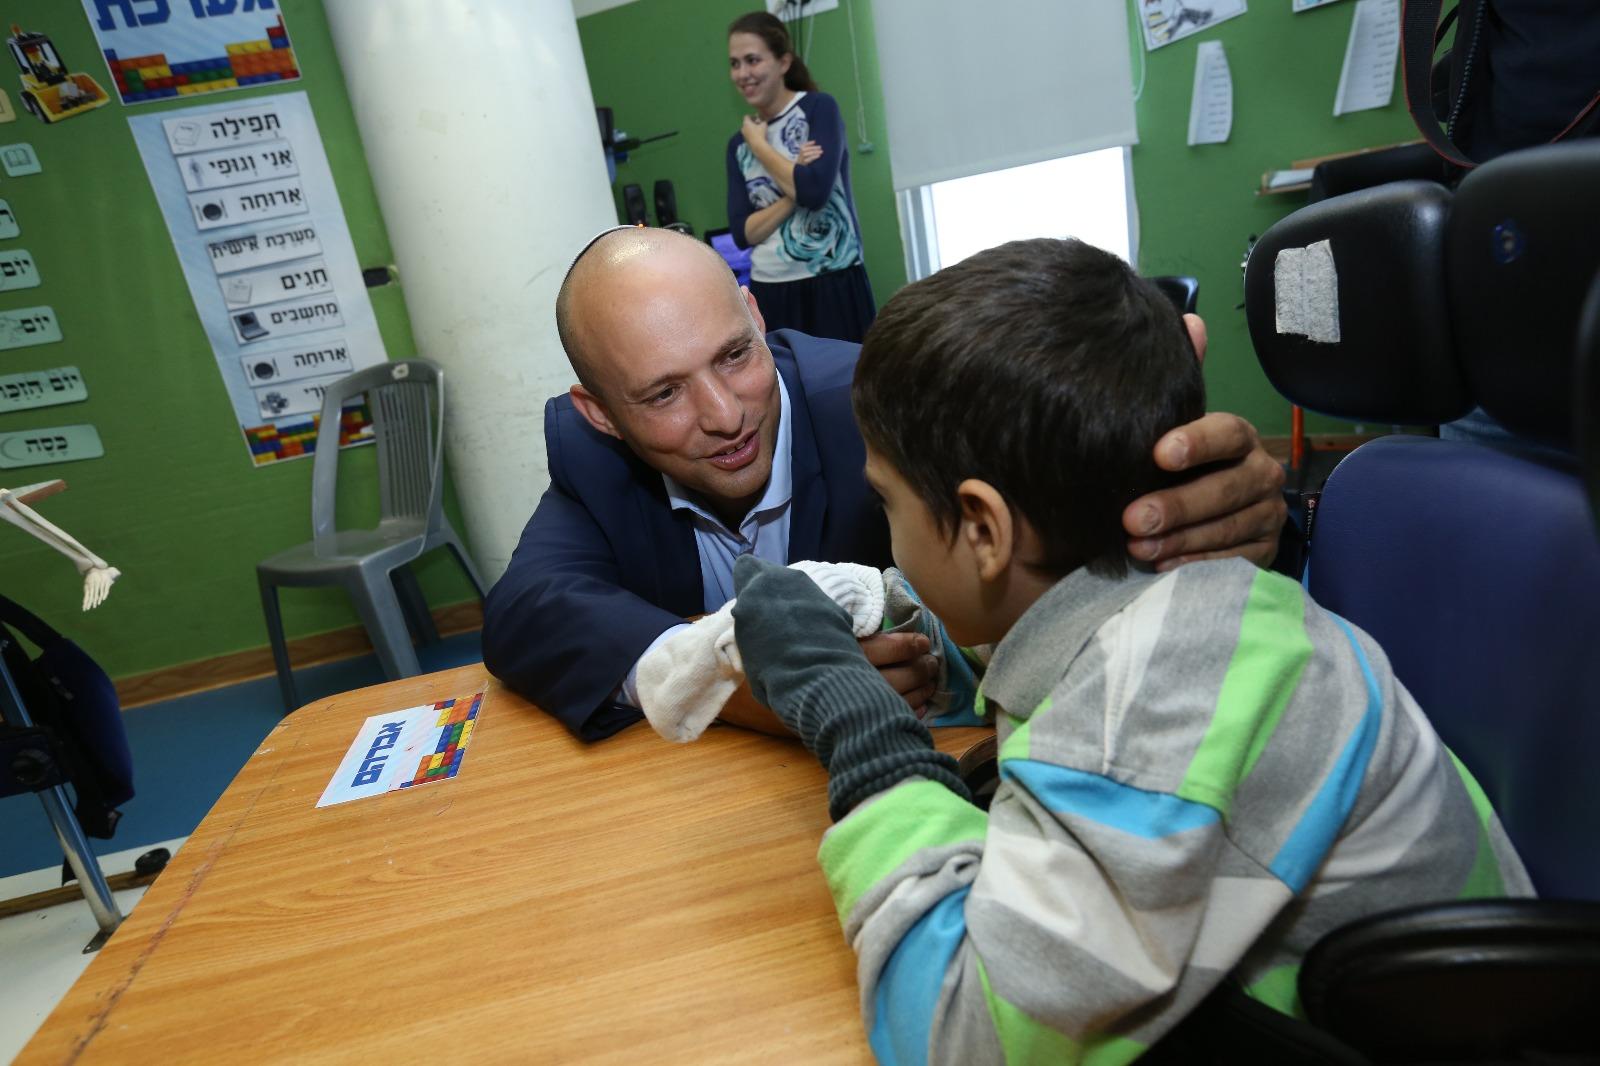 השר בנט סייר במרכז השיקומי מש״י: ״מרגש לראות את ההשקעה בילדים״